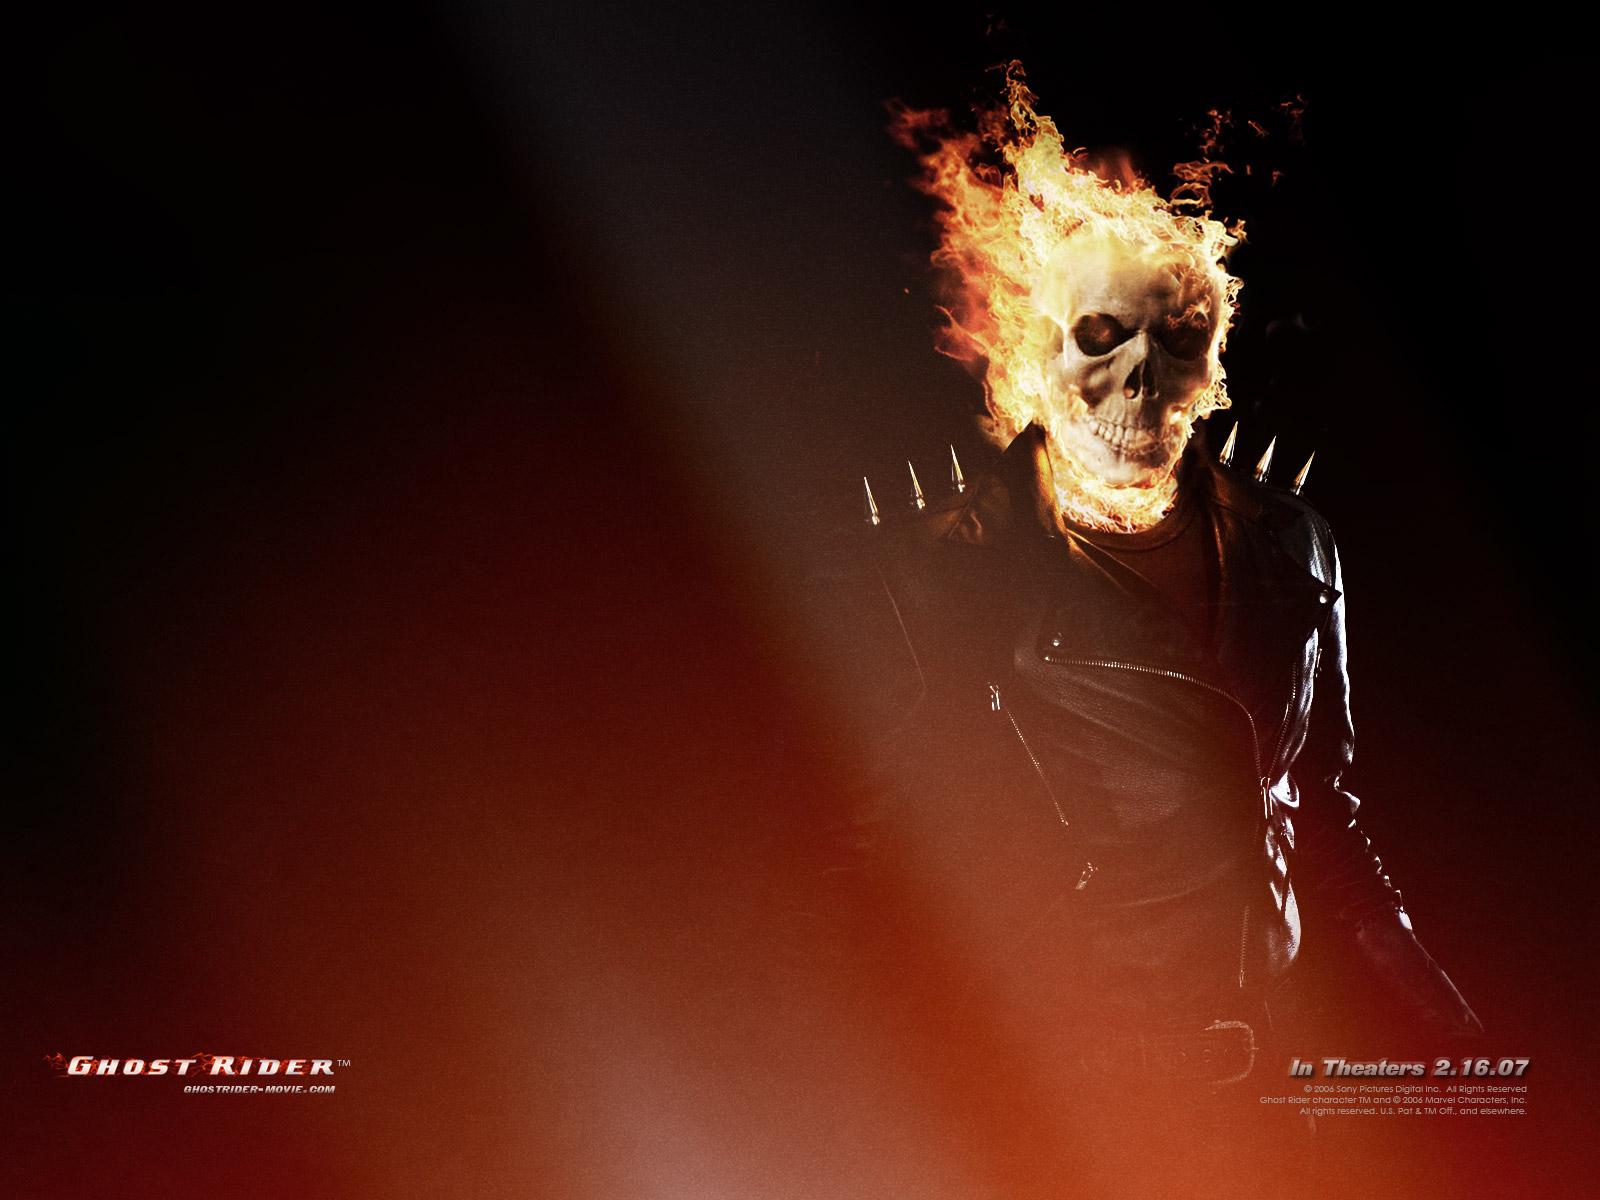 http://4.bp.blogspot.com/-PyZFiZvqR2s/UWwLz63ItPI/AAAAAAAArg8/fIkEQ3v3q7Q/s1600/Ghost+Rider+Wallpapers+(8).jpg